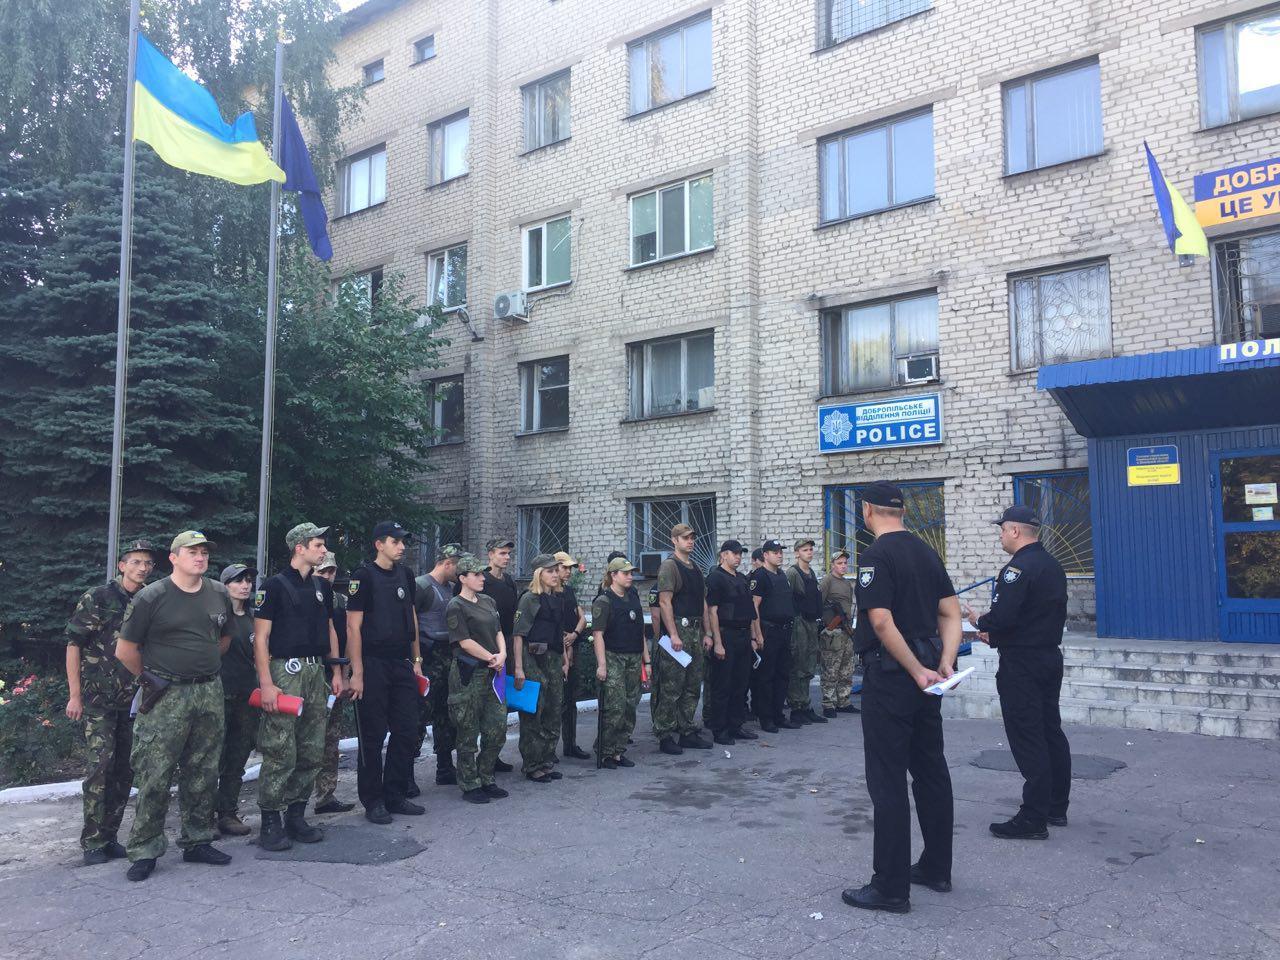 Правоохоронці Покровської оперативної зони готові до забезпечення правопорядку на День міста та День шахтаря, фото-9